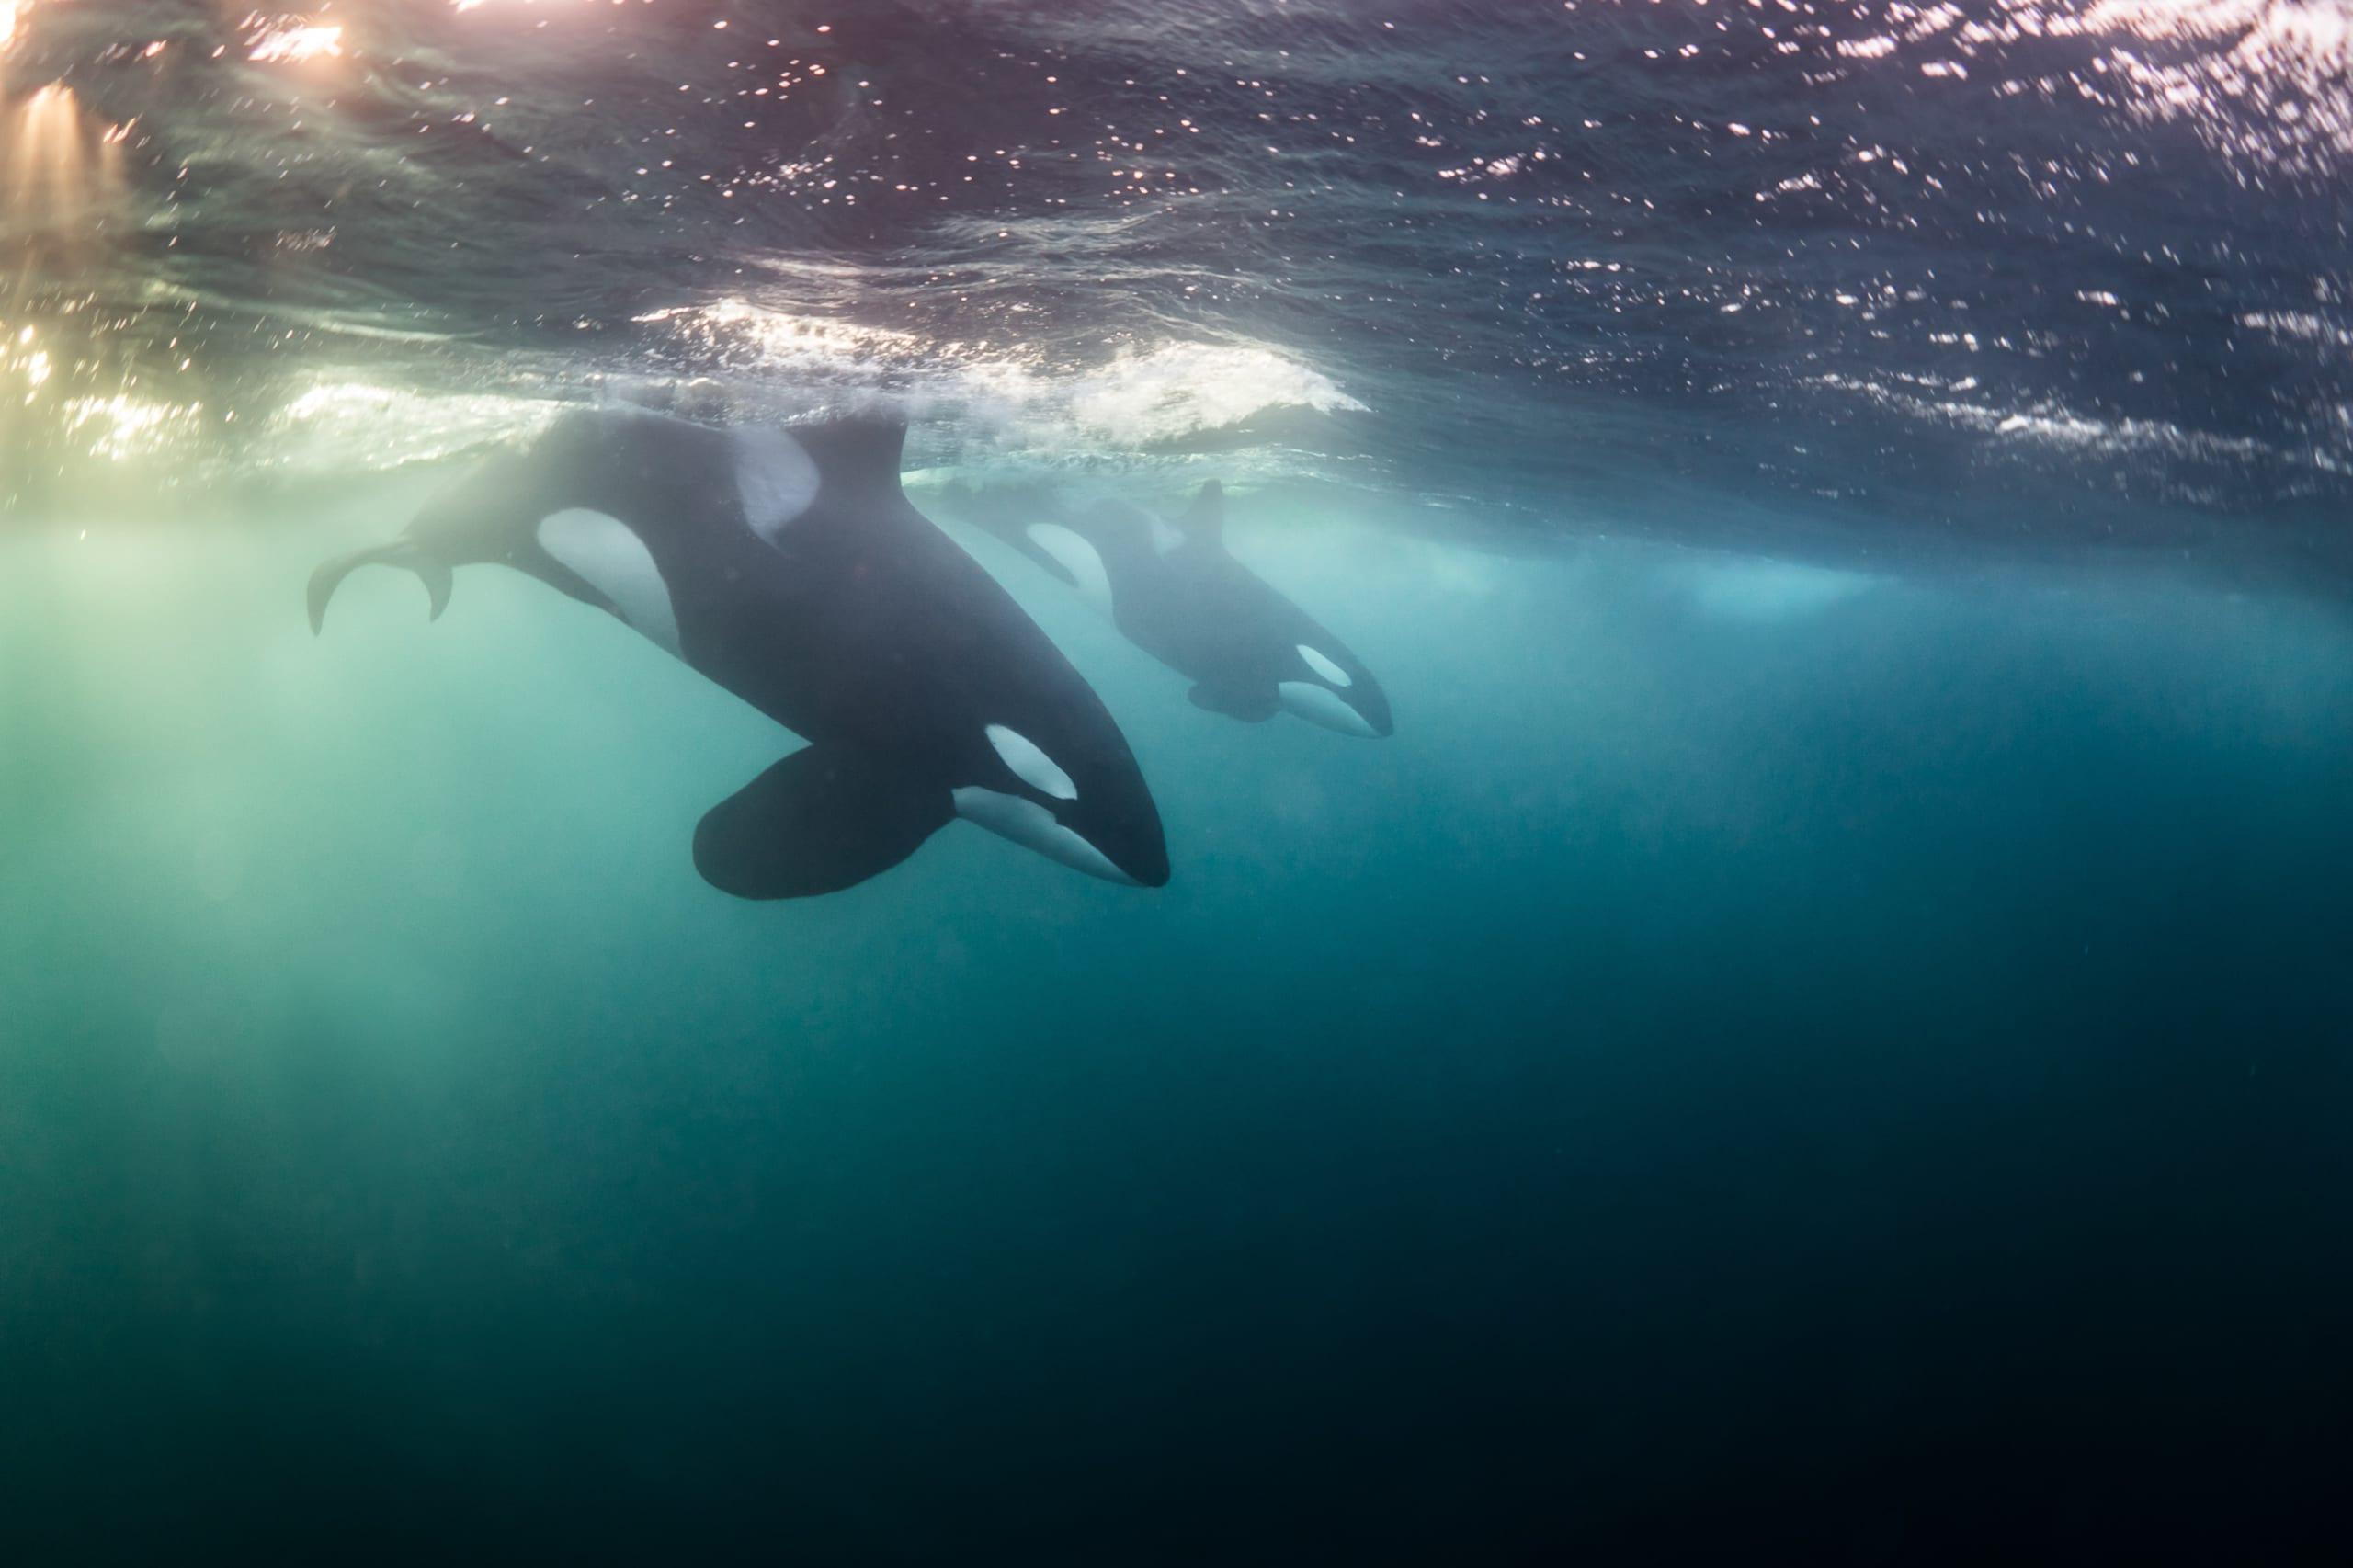 Killer whales hunting in the Tromsø fjords